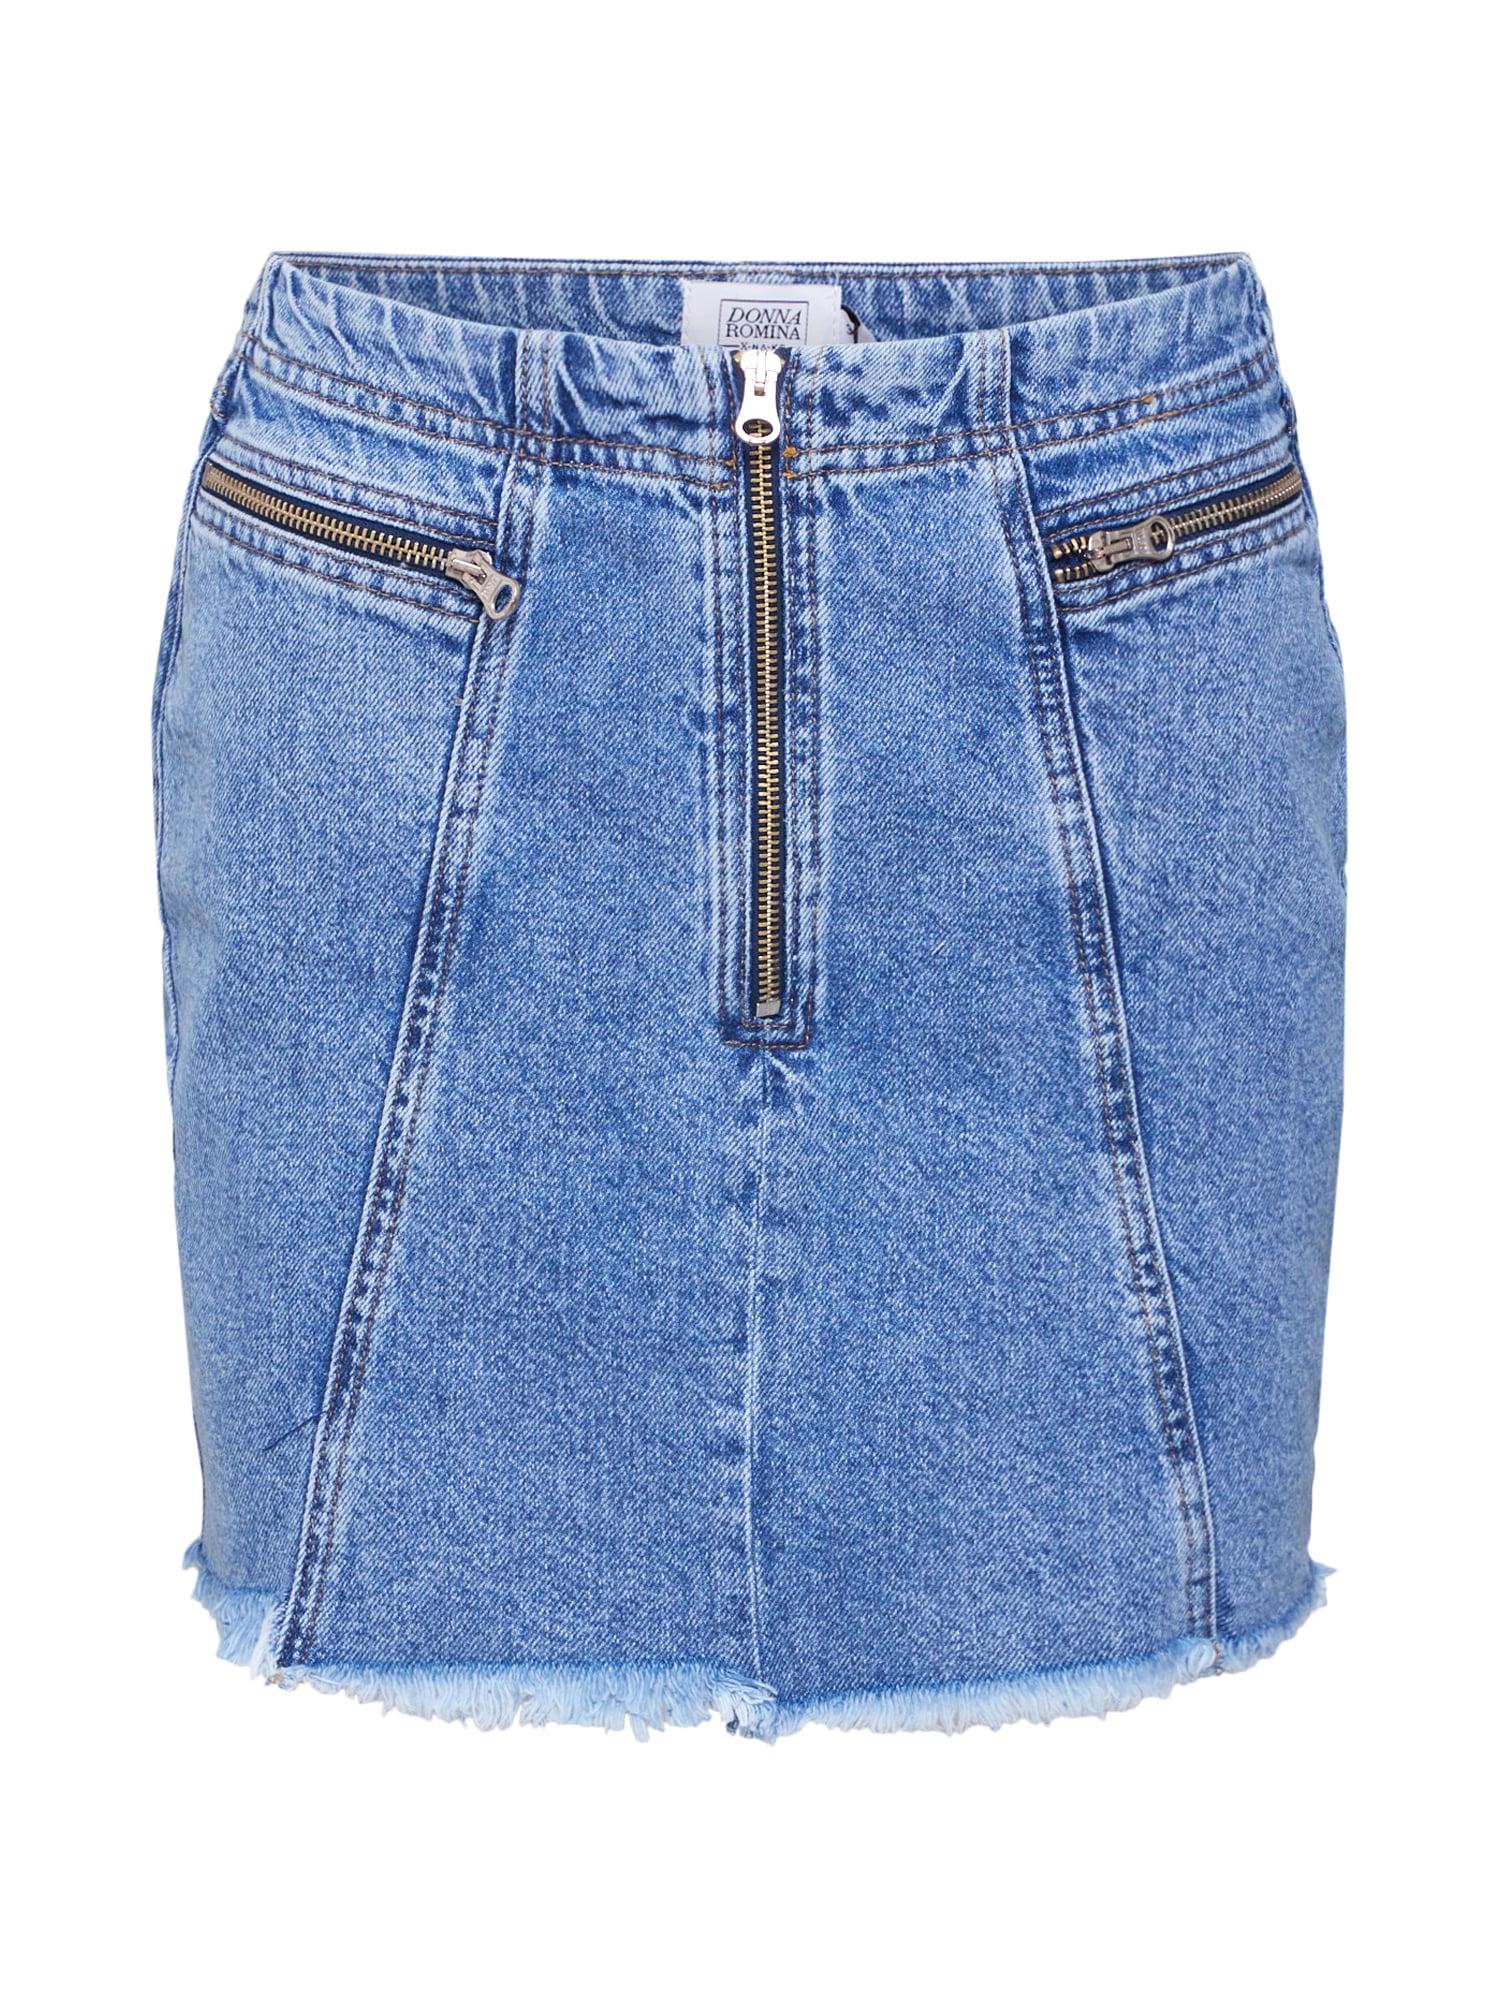 Sukně DonnaRomaina x Denim Skirt modrá džínovina NA-KD